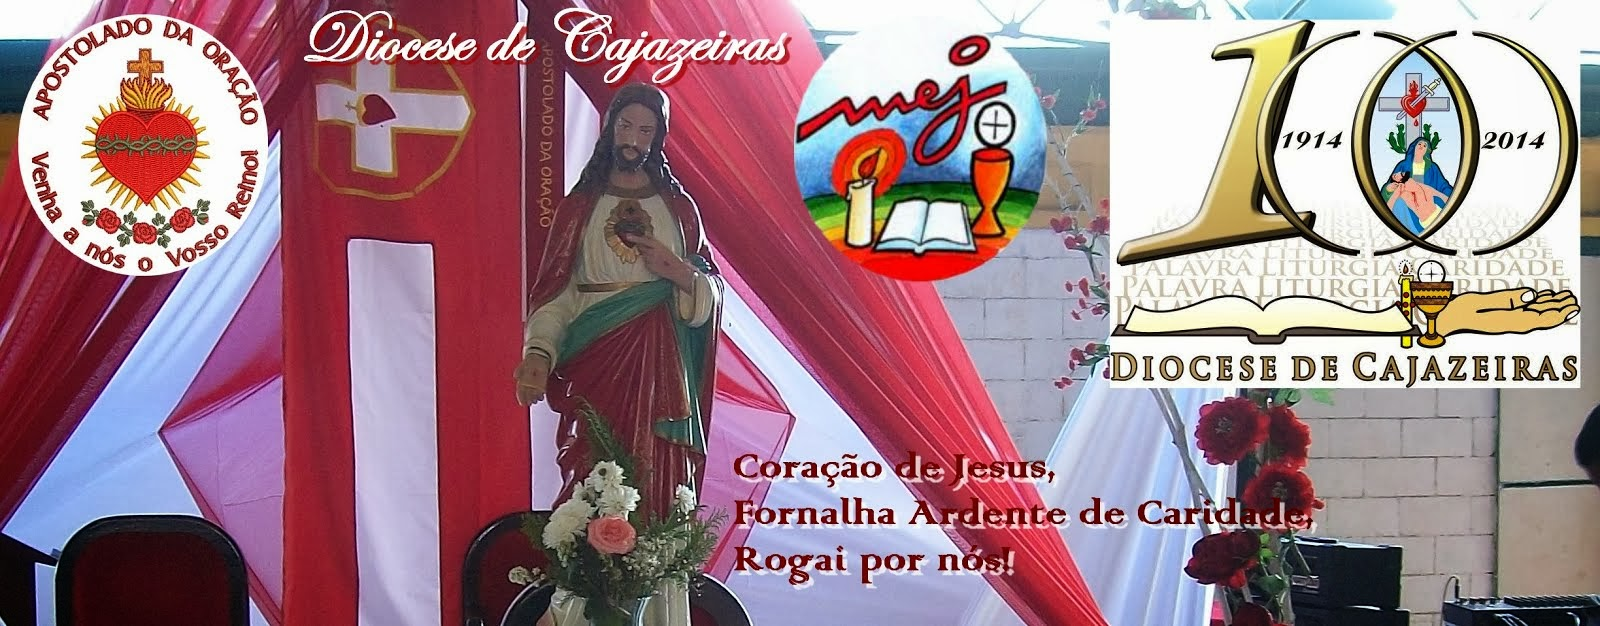 Apostolado da Oração e Movimento Eucarístico Jovem da Diocese de Cajazeiras